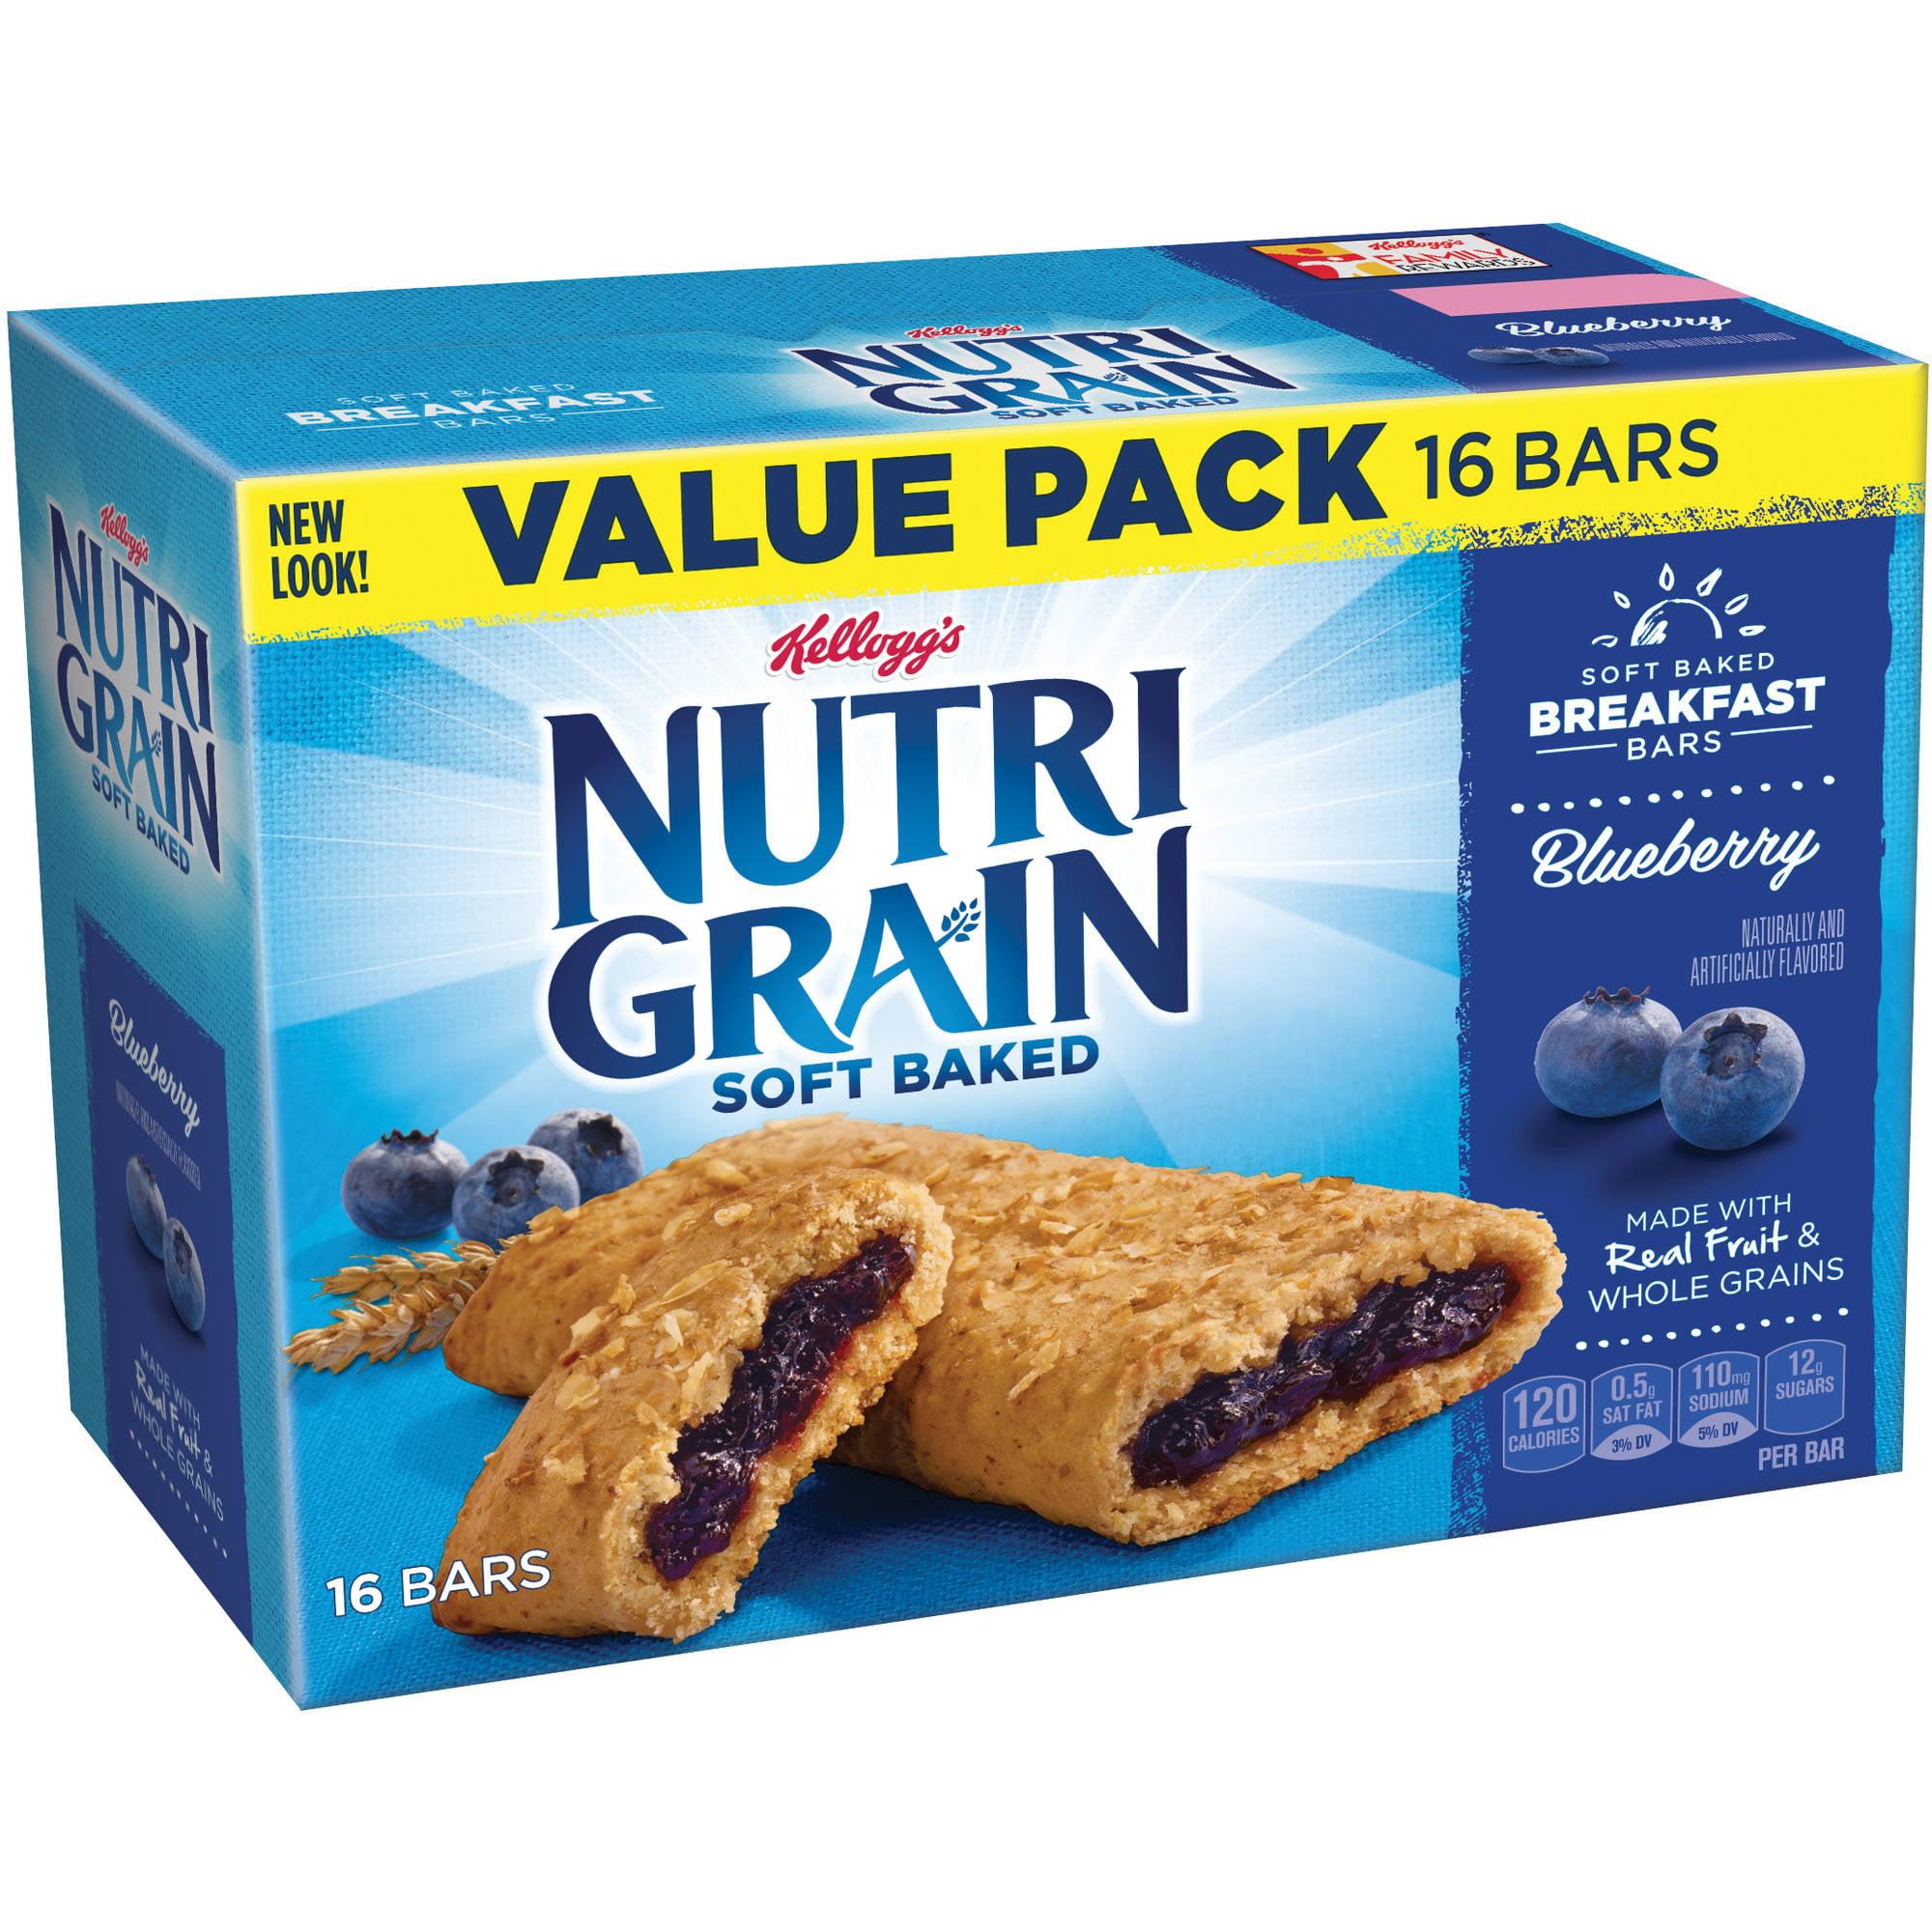 Kellogg's Nutri-Grain Soft Baked Blueberry Breakfast Bars, 1.3 oz, 16 count